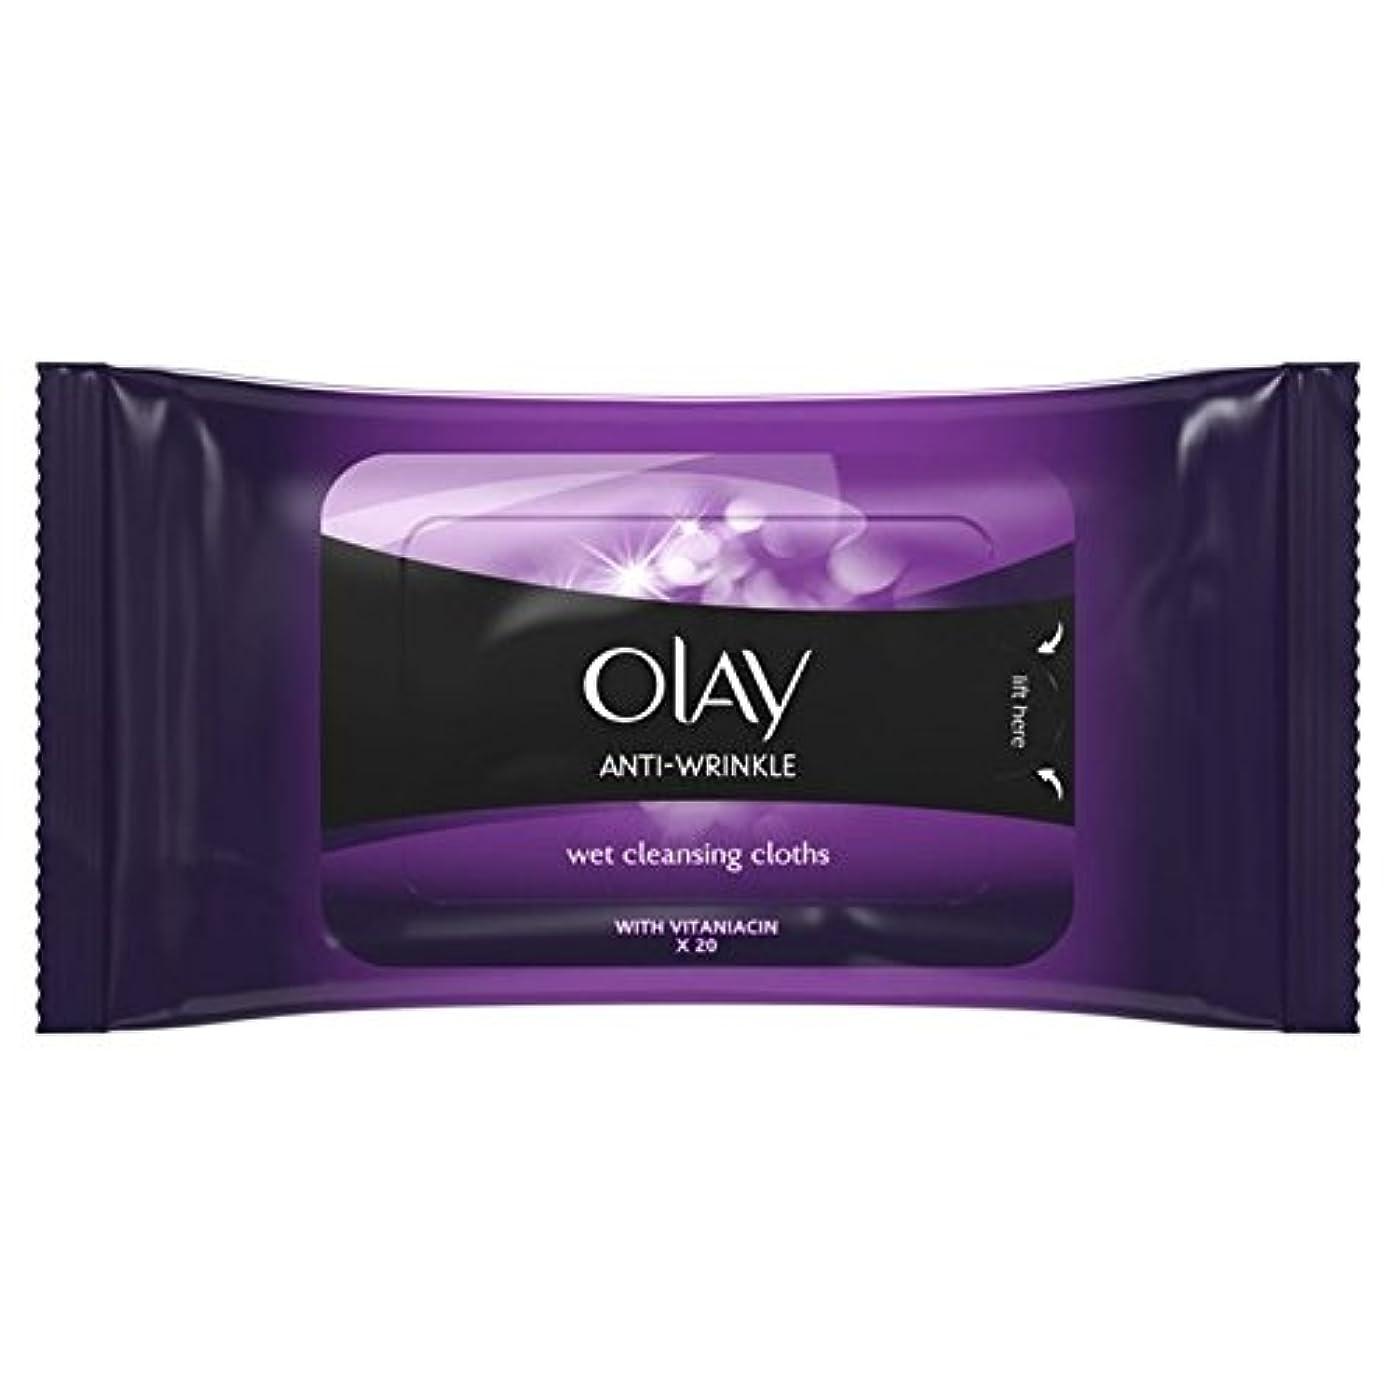 死んでいるあまりにも報いるパックごとに20ワイプ抗シワ事務所をオーレイ&湿ったクレンジングを持ち上げます x4 - Olay Anti Wrinkle Firm & Lift Wet Cleansing Wipes 20 per pack (Pack...